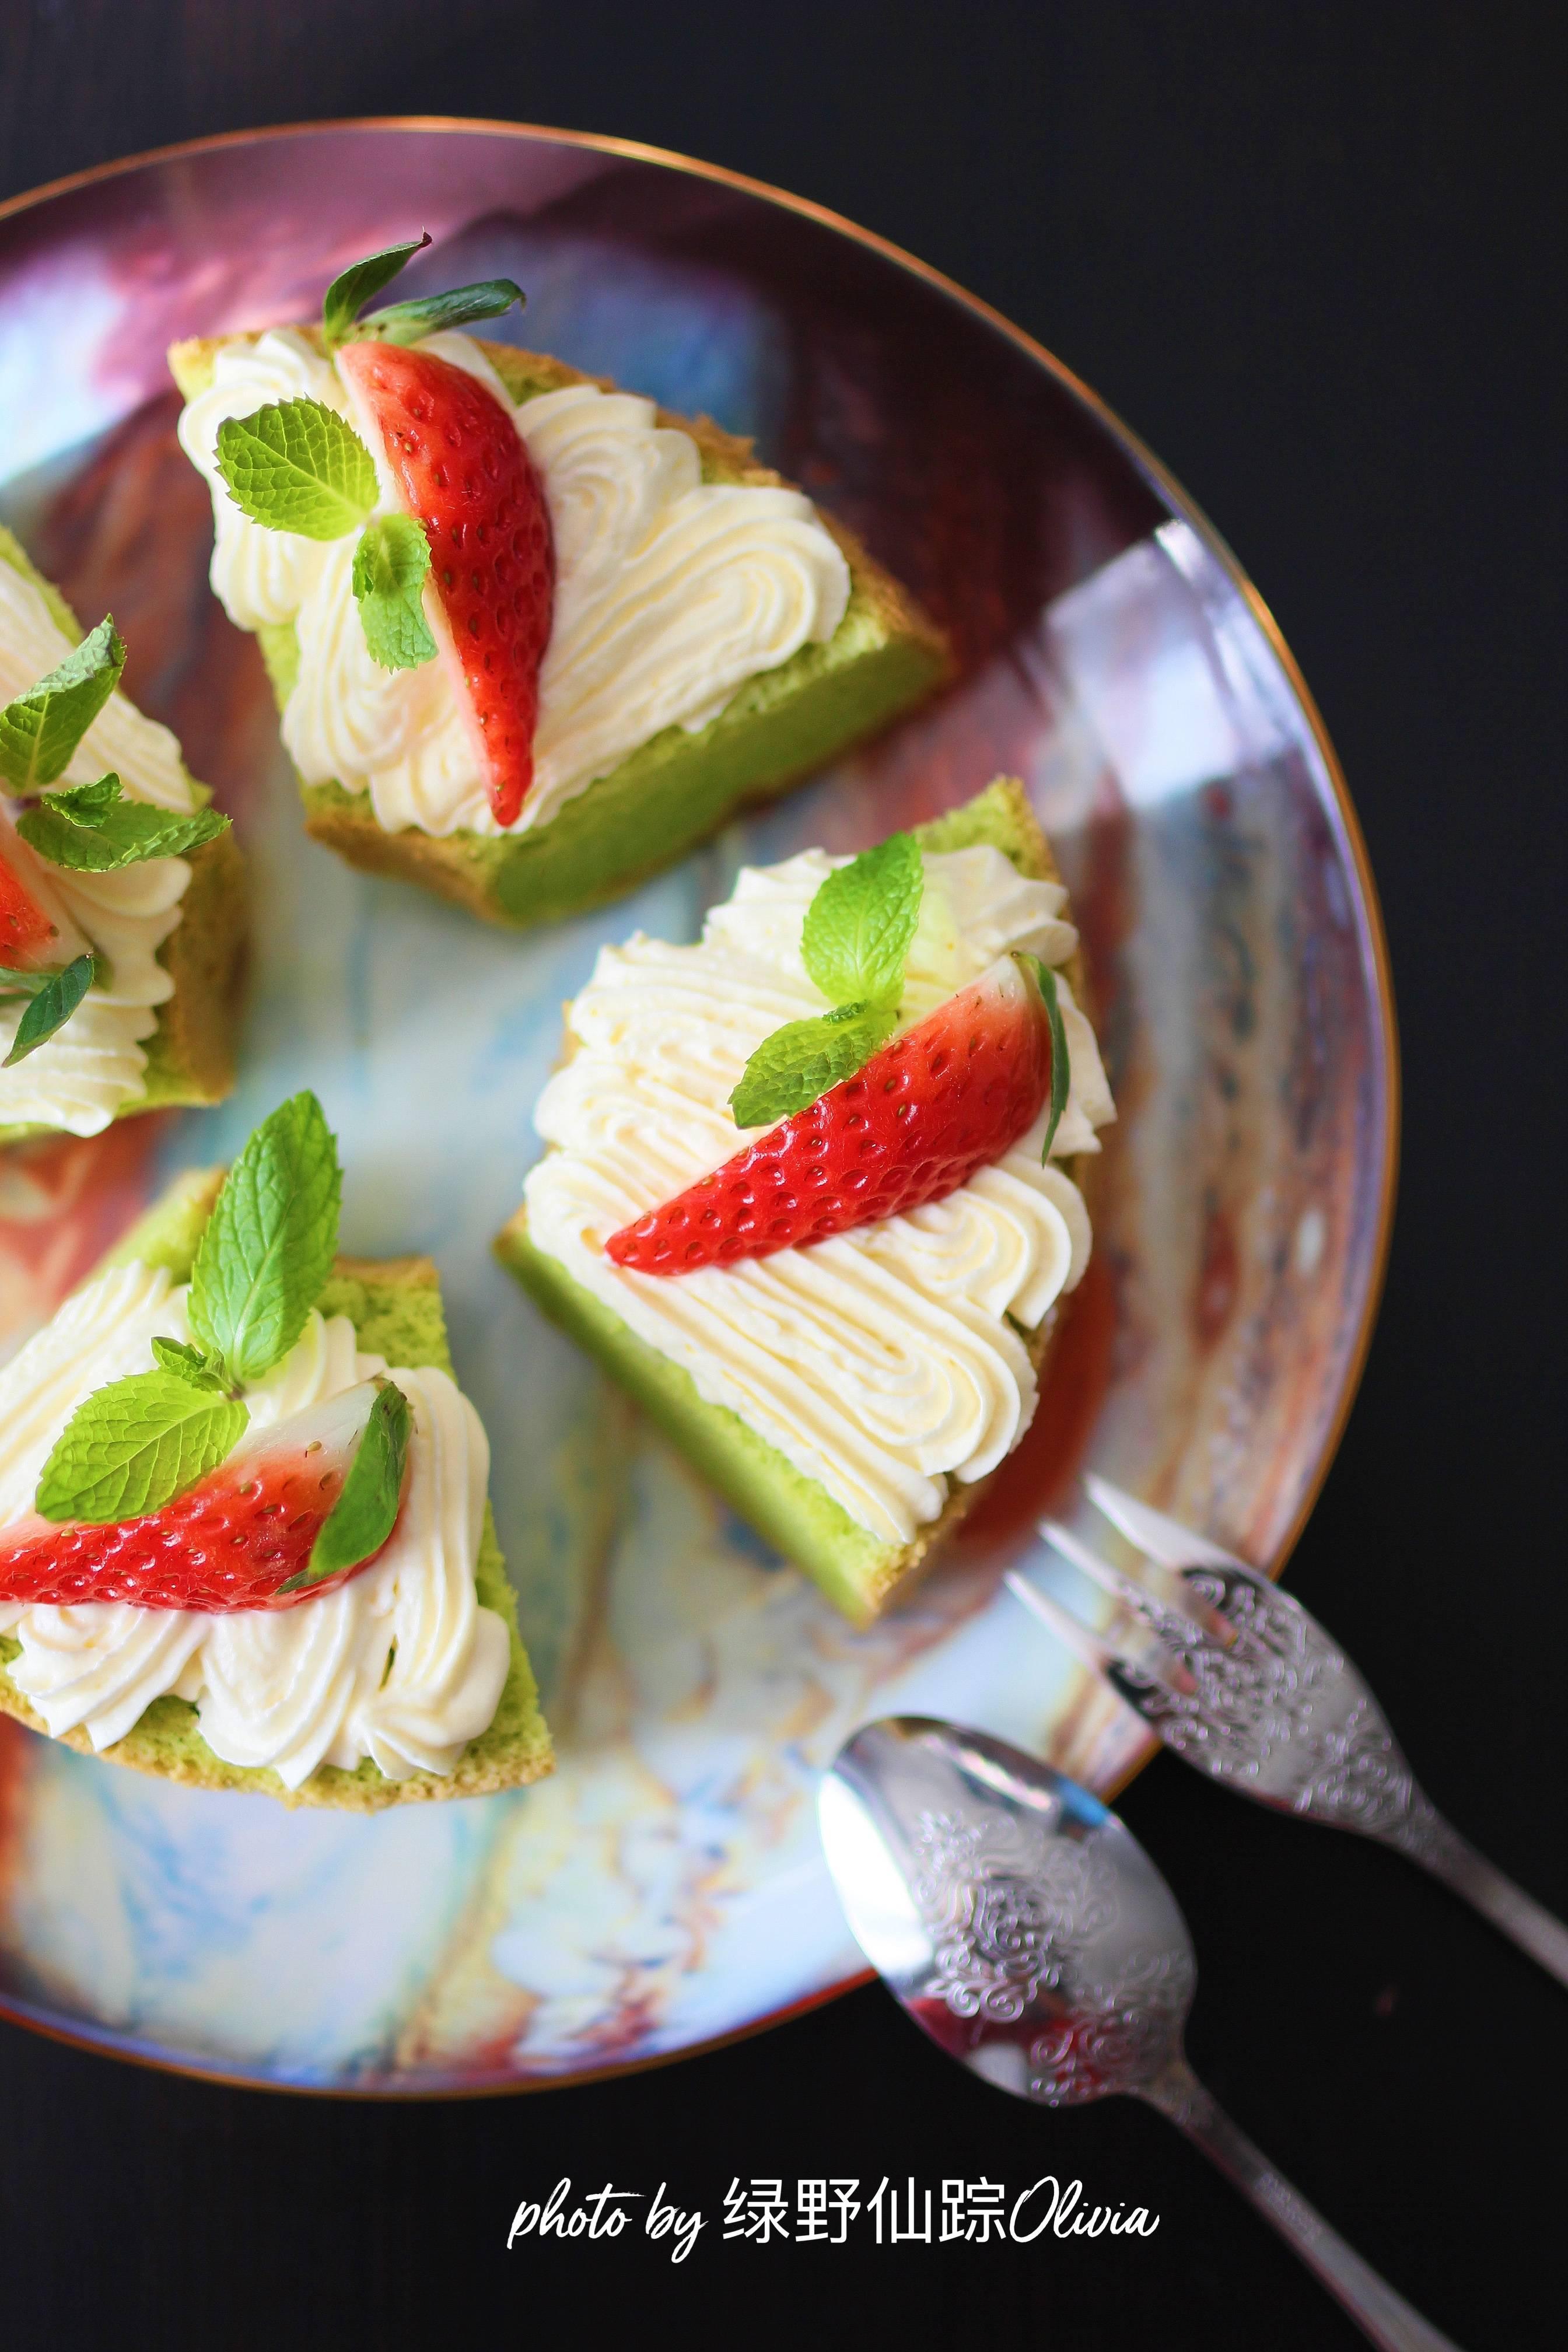 奶油草莓绿戚风